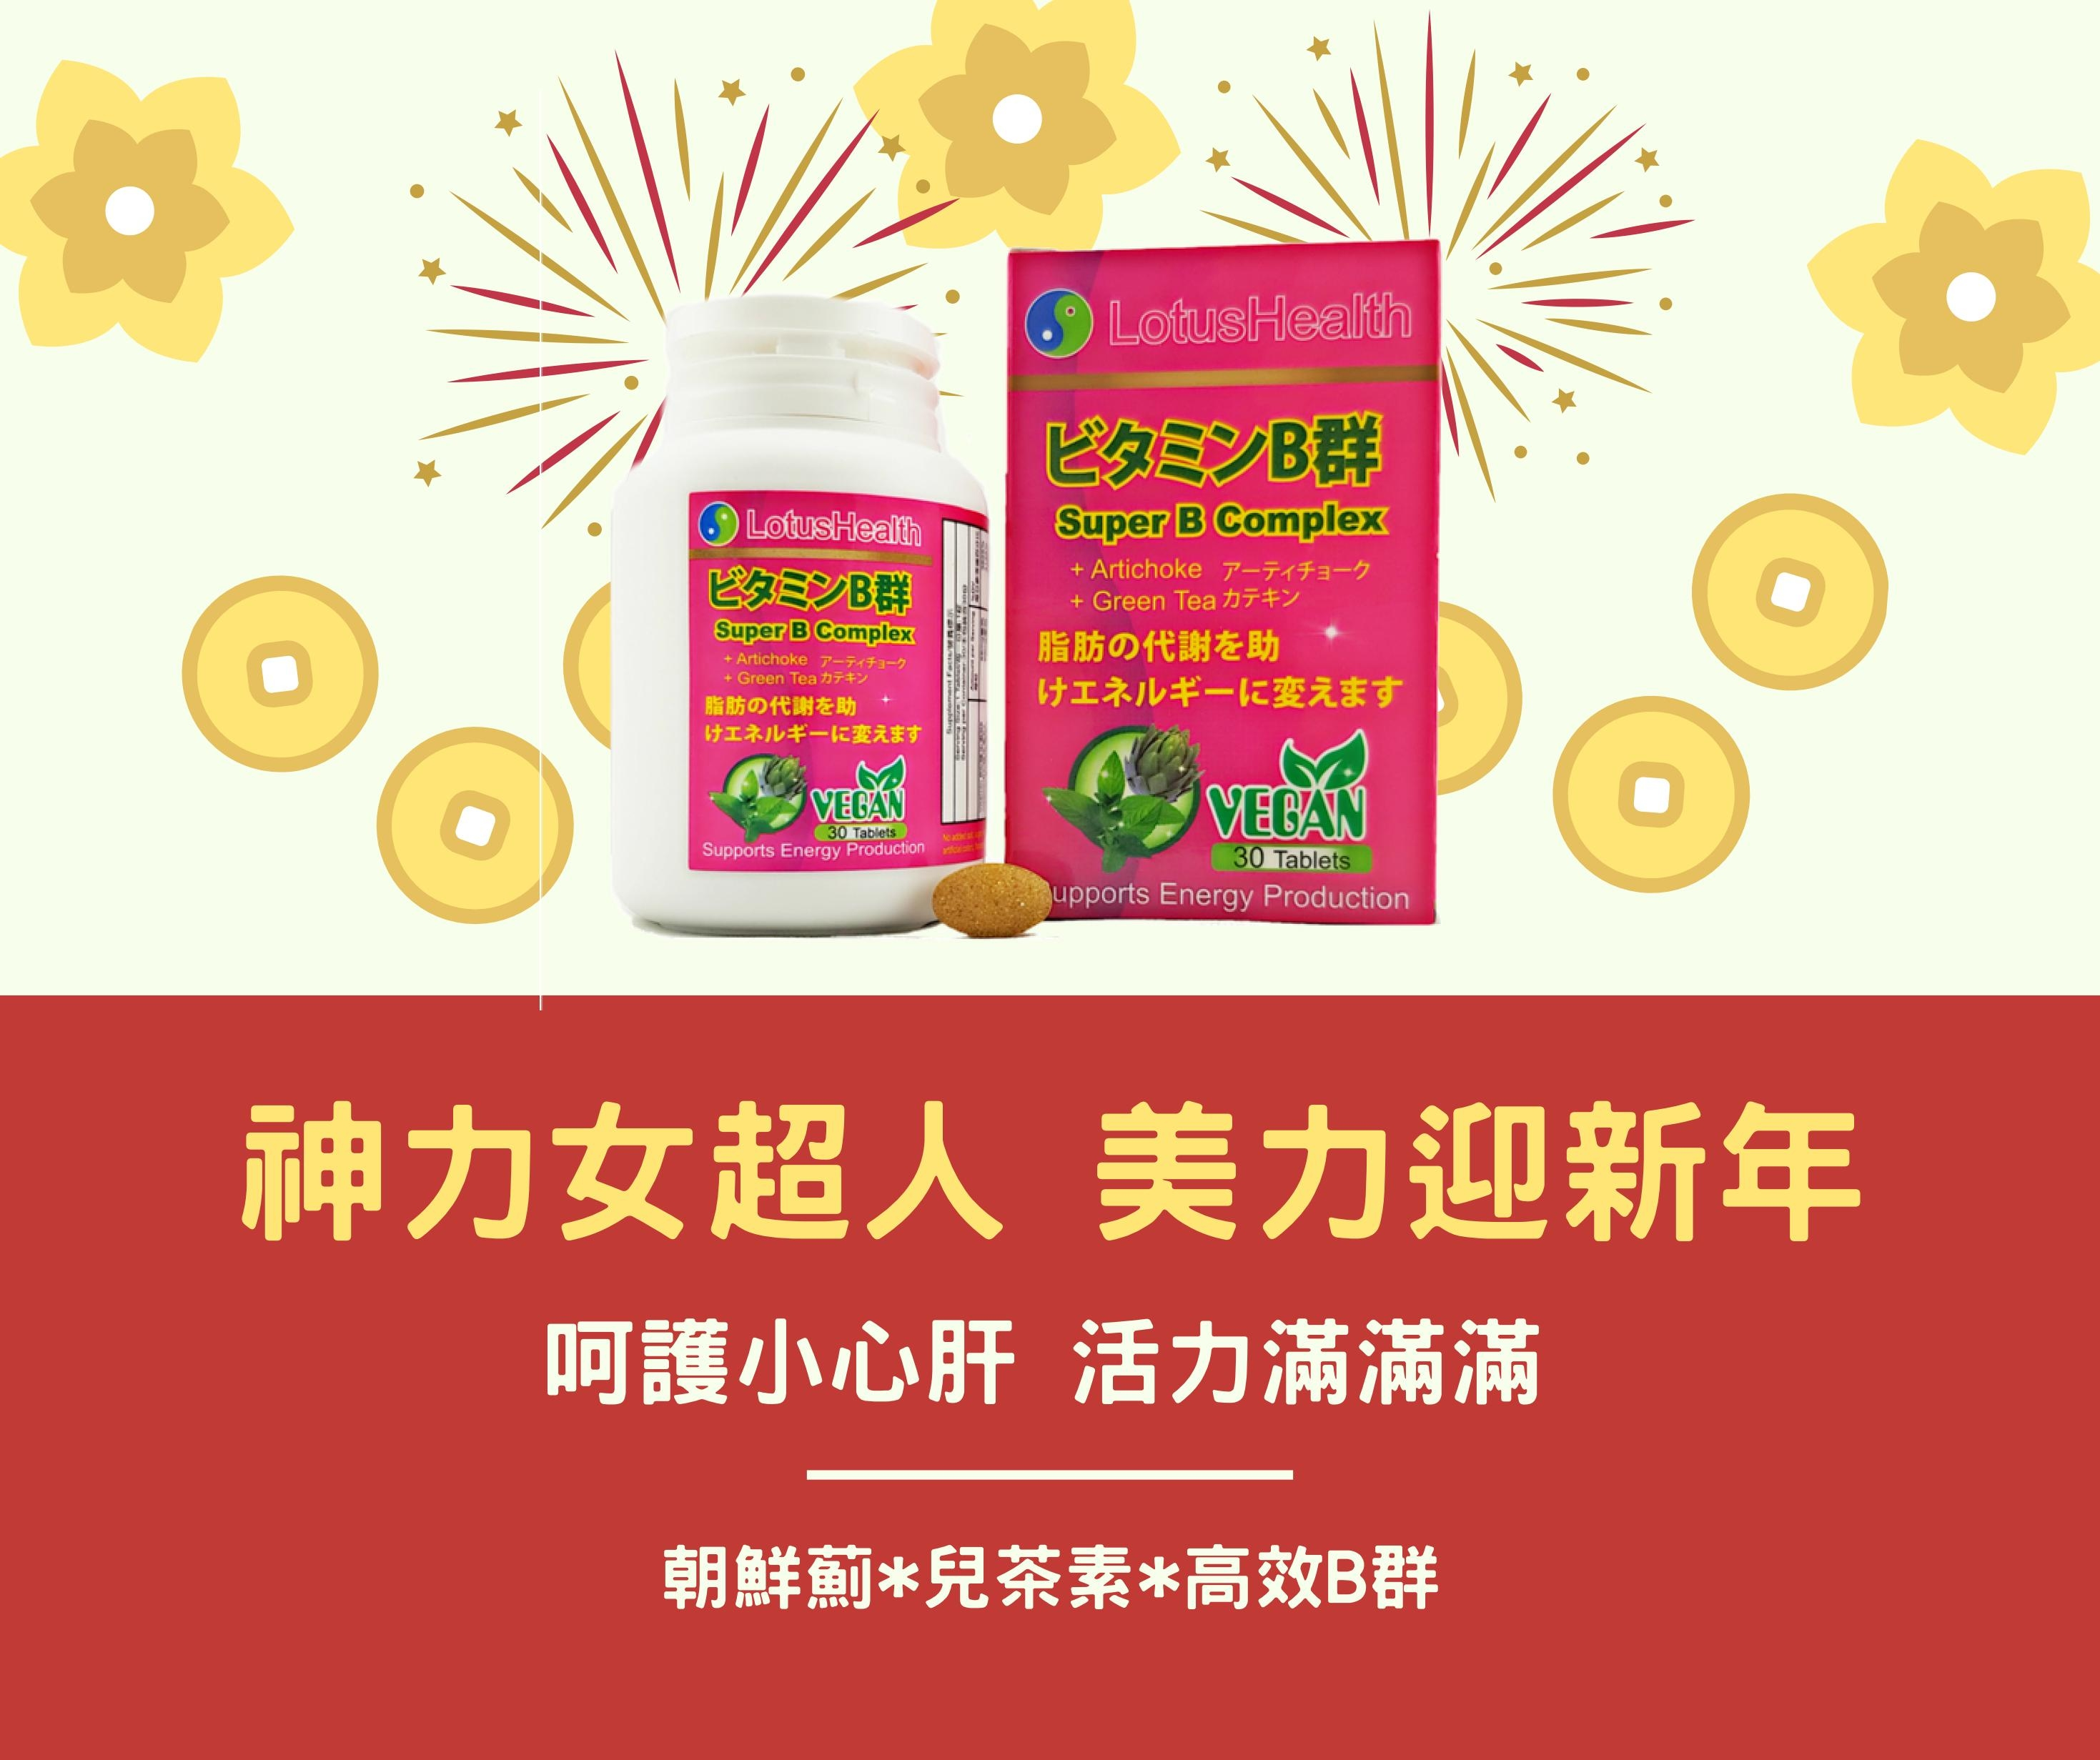 金荷康高單位維生素B群添加朝鮮薊綠茶兒茶素護肝